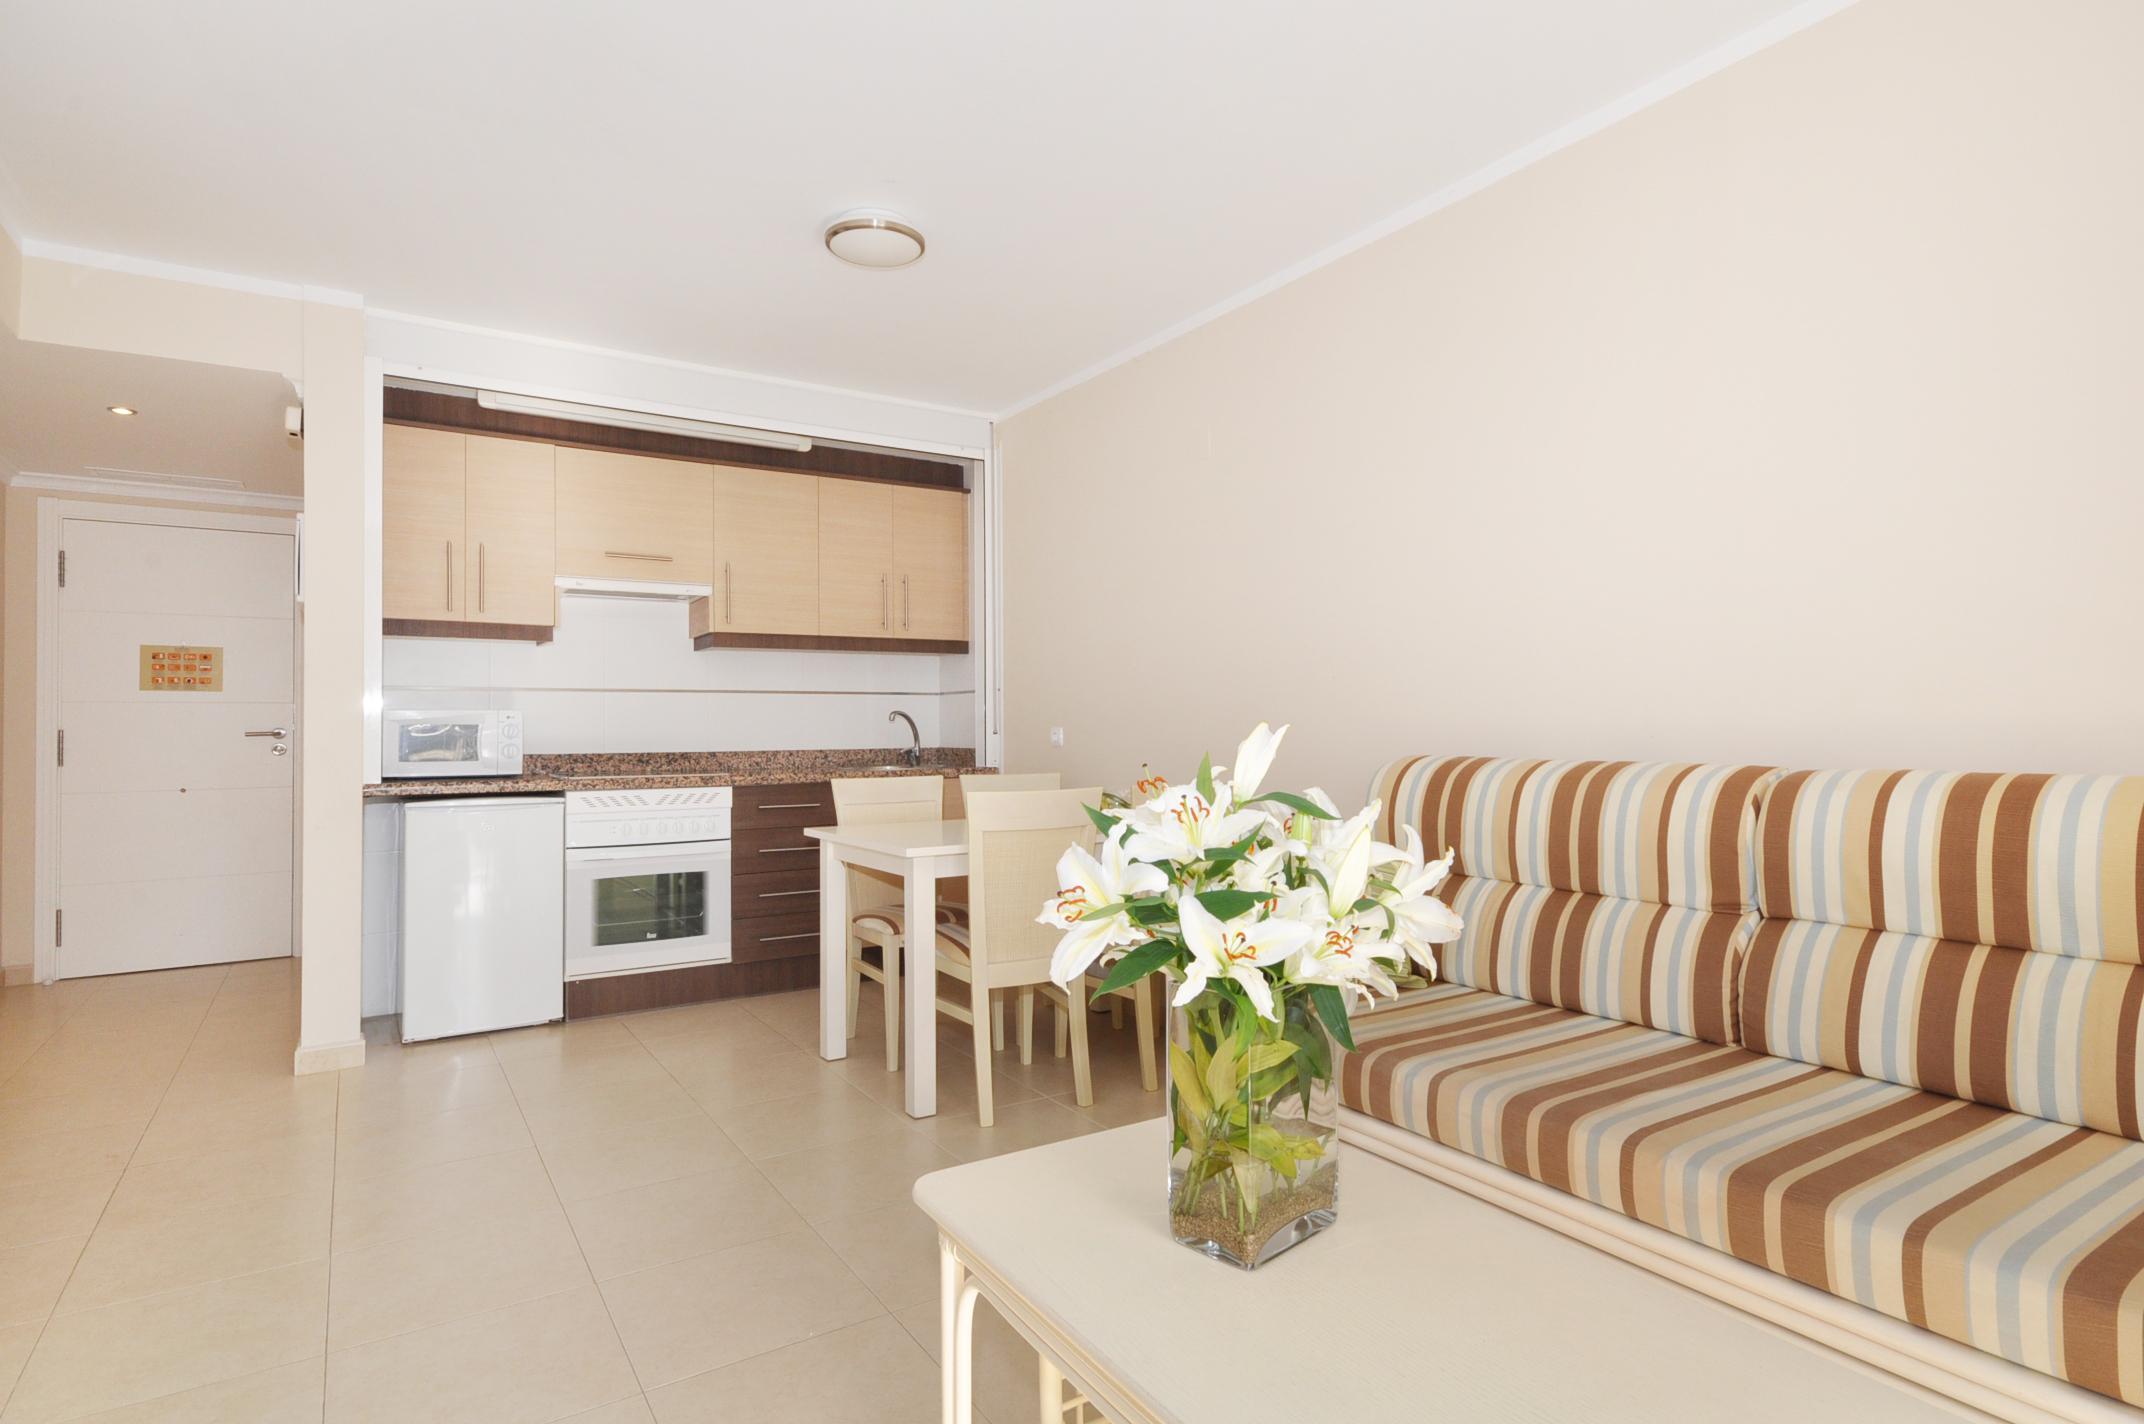 Apartamento larimar i en calpe comprar y vender casa en calp benidorm altea moraira - Compro apartamento en benidorm ...